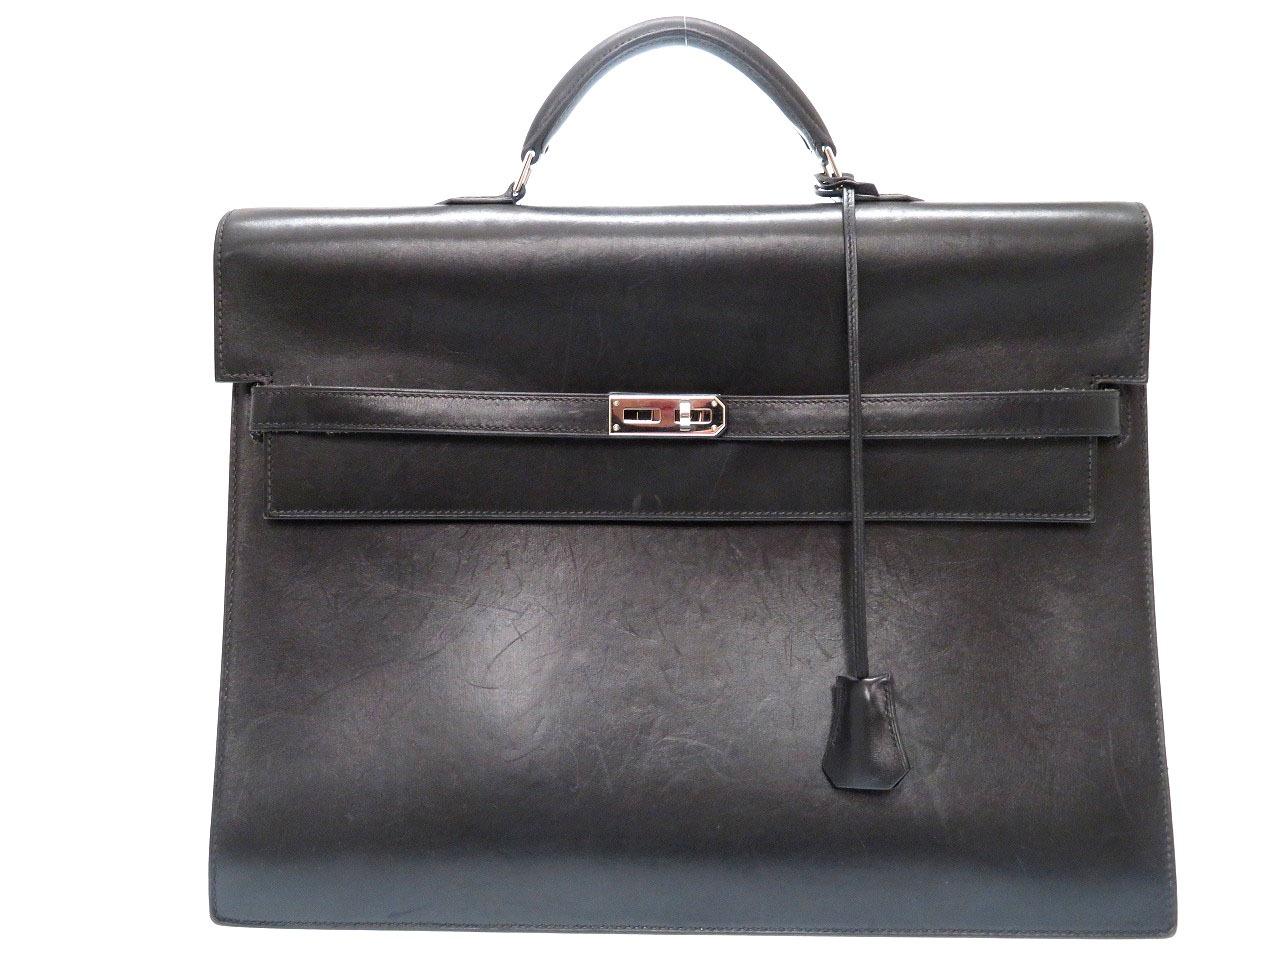 エルメス ケリーデペッシュ37 ビジネスバッグ ボックスカーフ 書類鞄 ブラック □K刻印 0075【中古】HERMES